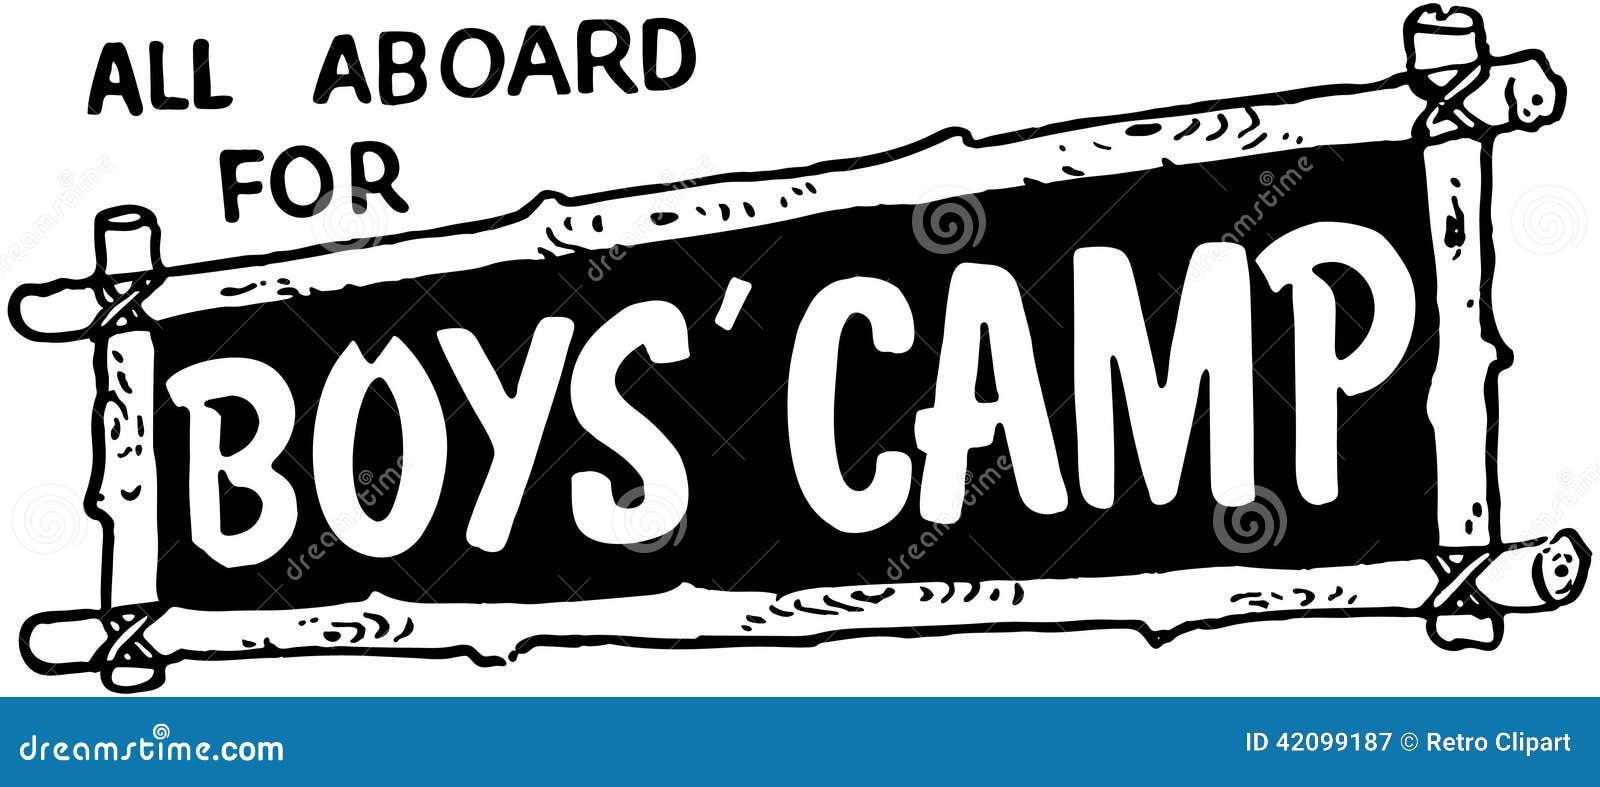 Todos a bordo para el campo de los muchachos